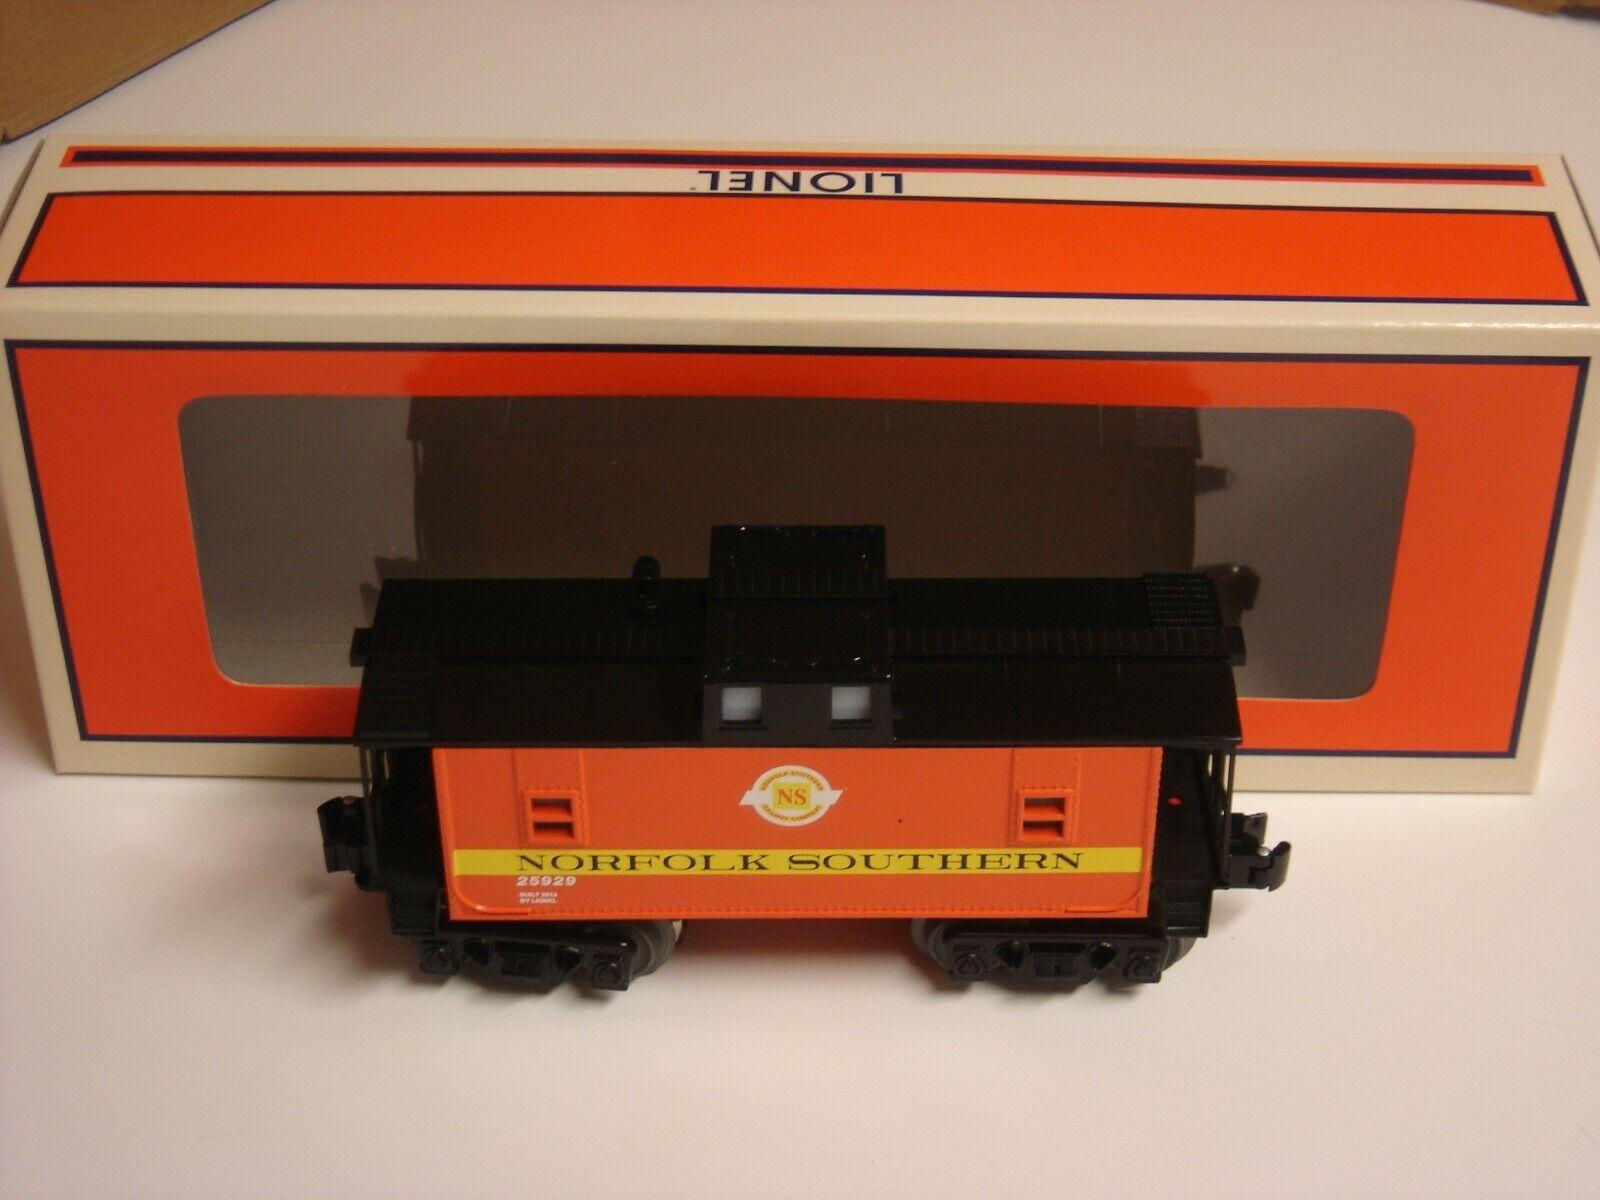 comprar nuevo barato Lionel Norfolk Southern Railway Railway Railway Company furgón de cola luz o calibre tren nuevo 6-25929  punto de venta